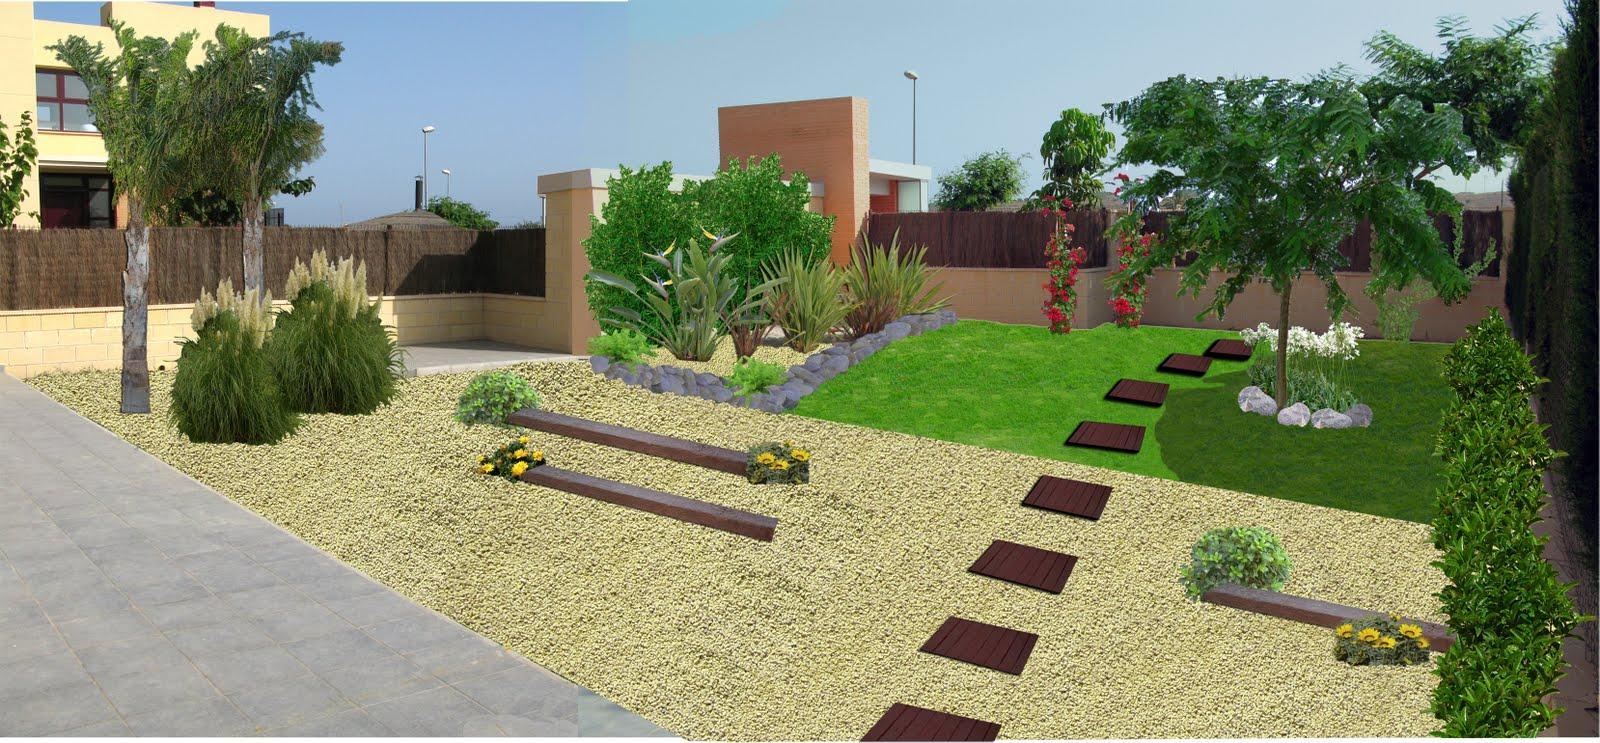 Dise o de jardines jardiner a benidorm jardineros alicante for Programa diseno de jardines